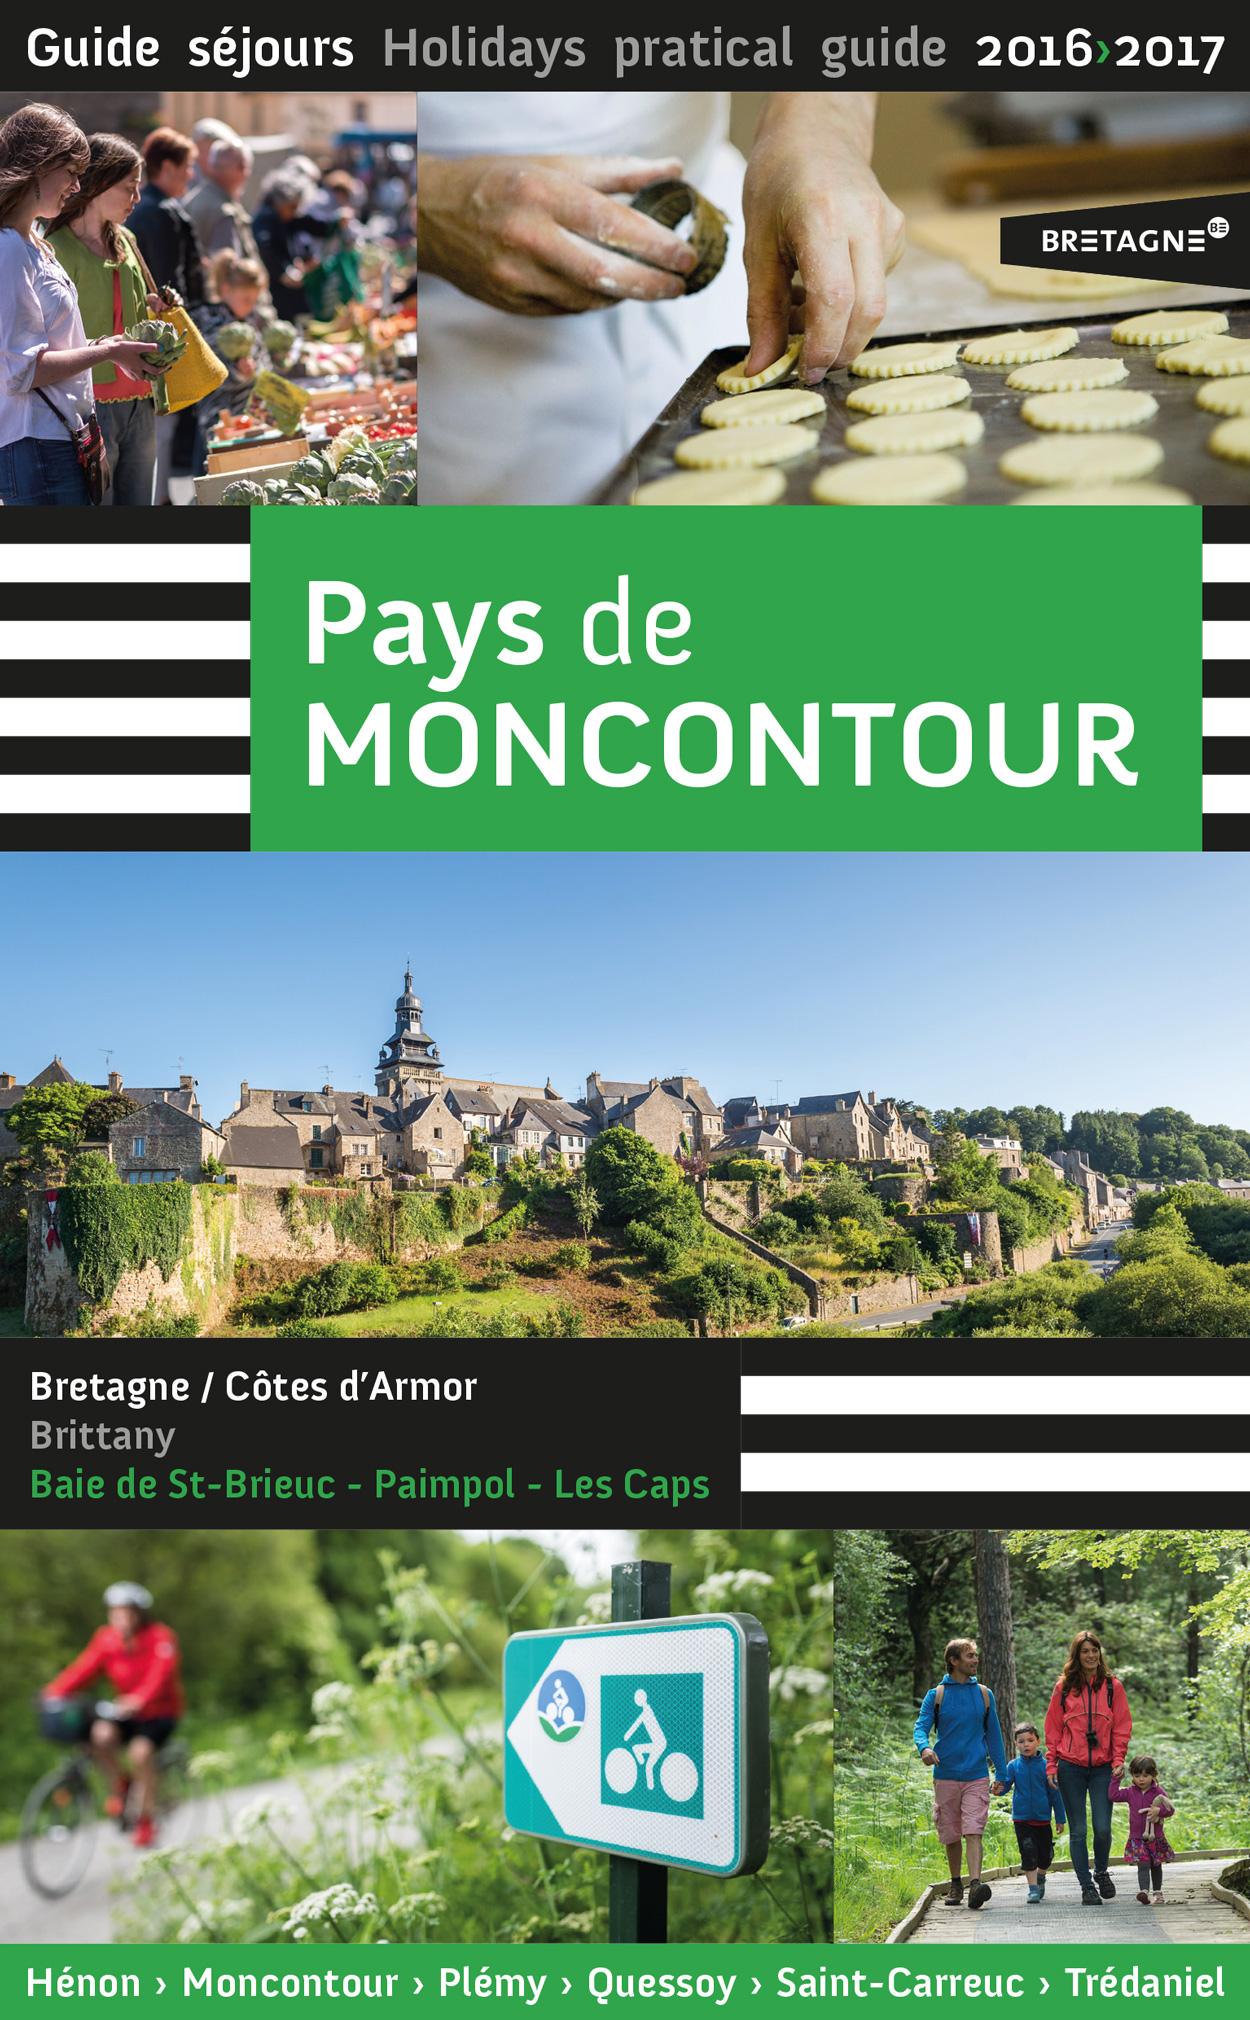 office-de-tourisme-moncontour-2016-livret-13x21-ferme-1